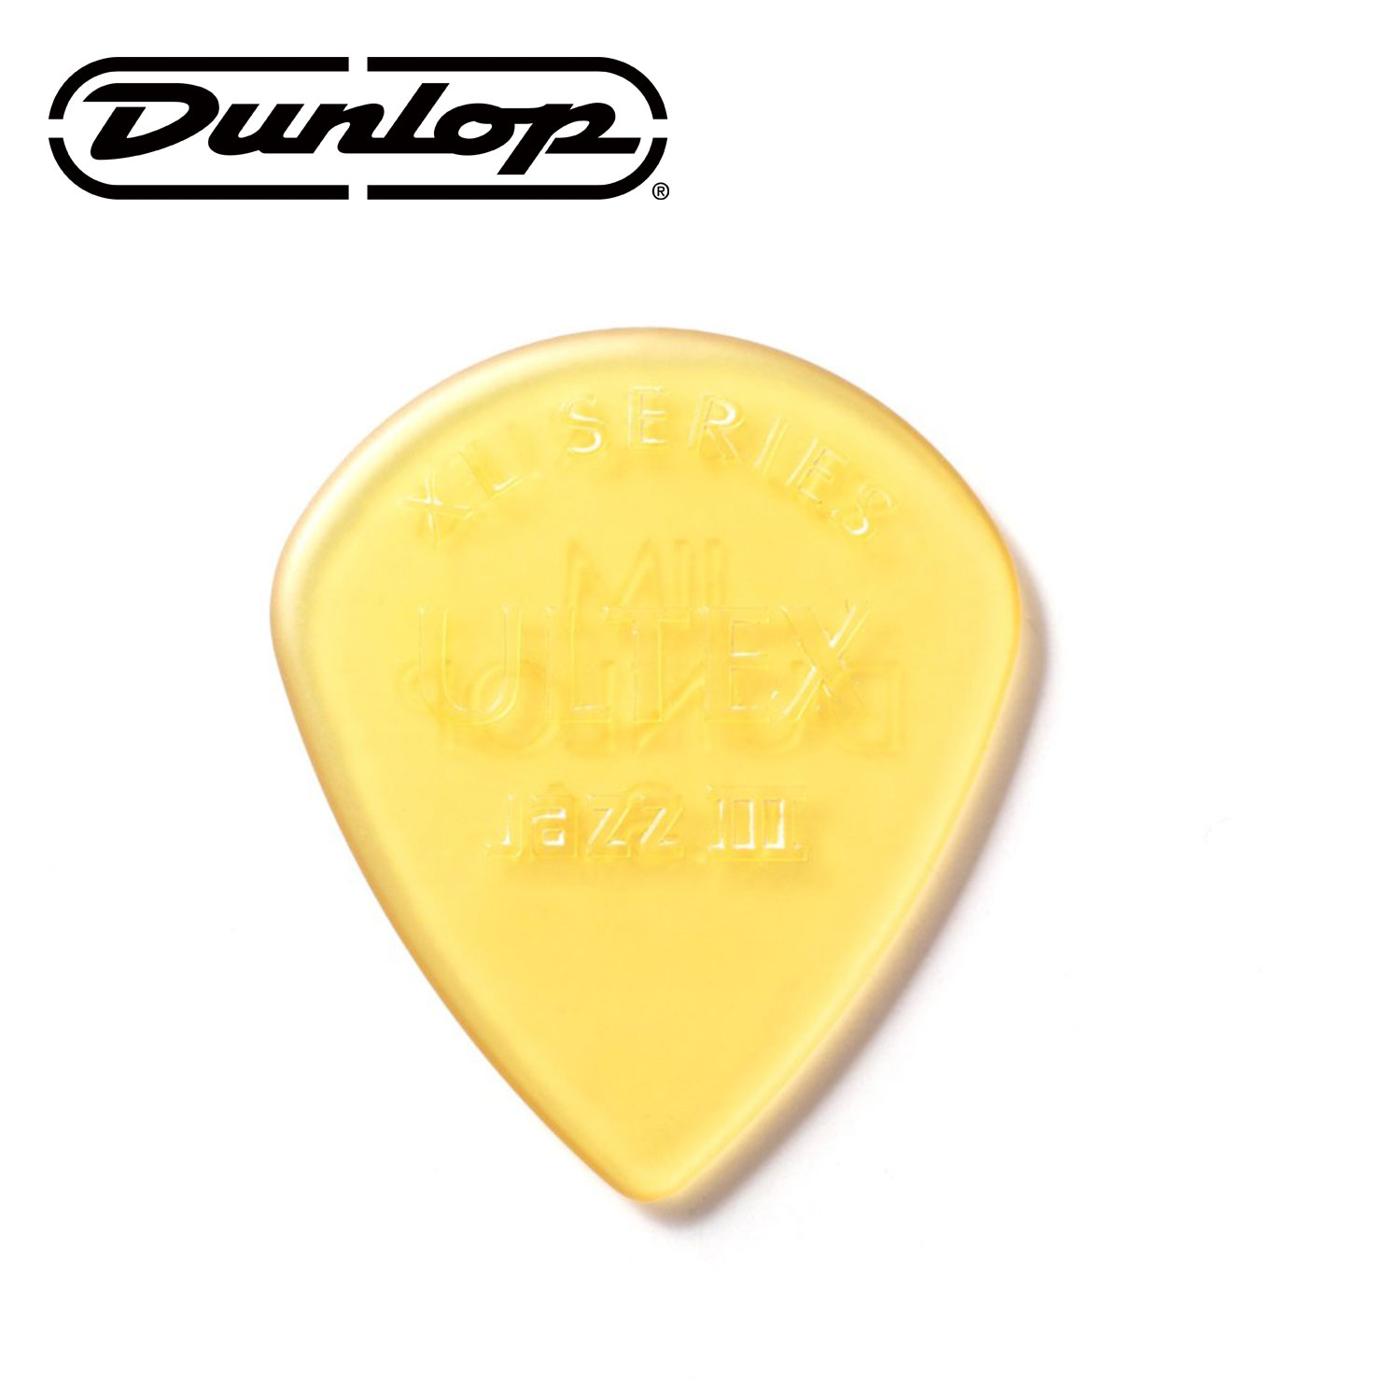 【小叮噹的店】Dunlop 427RXL Ultex JAZZ III 速度型 彈片 PICK (大) 1.38m